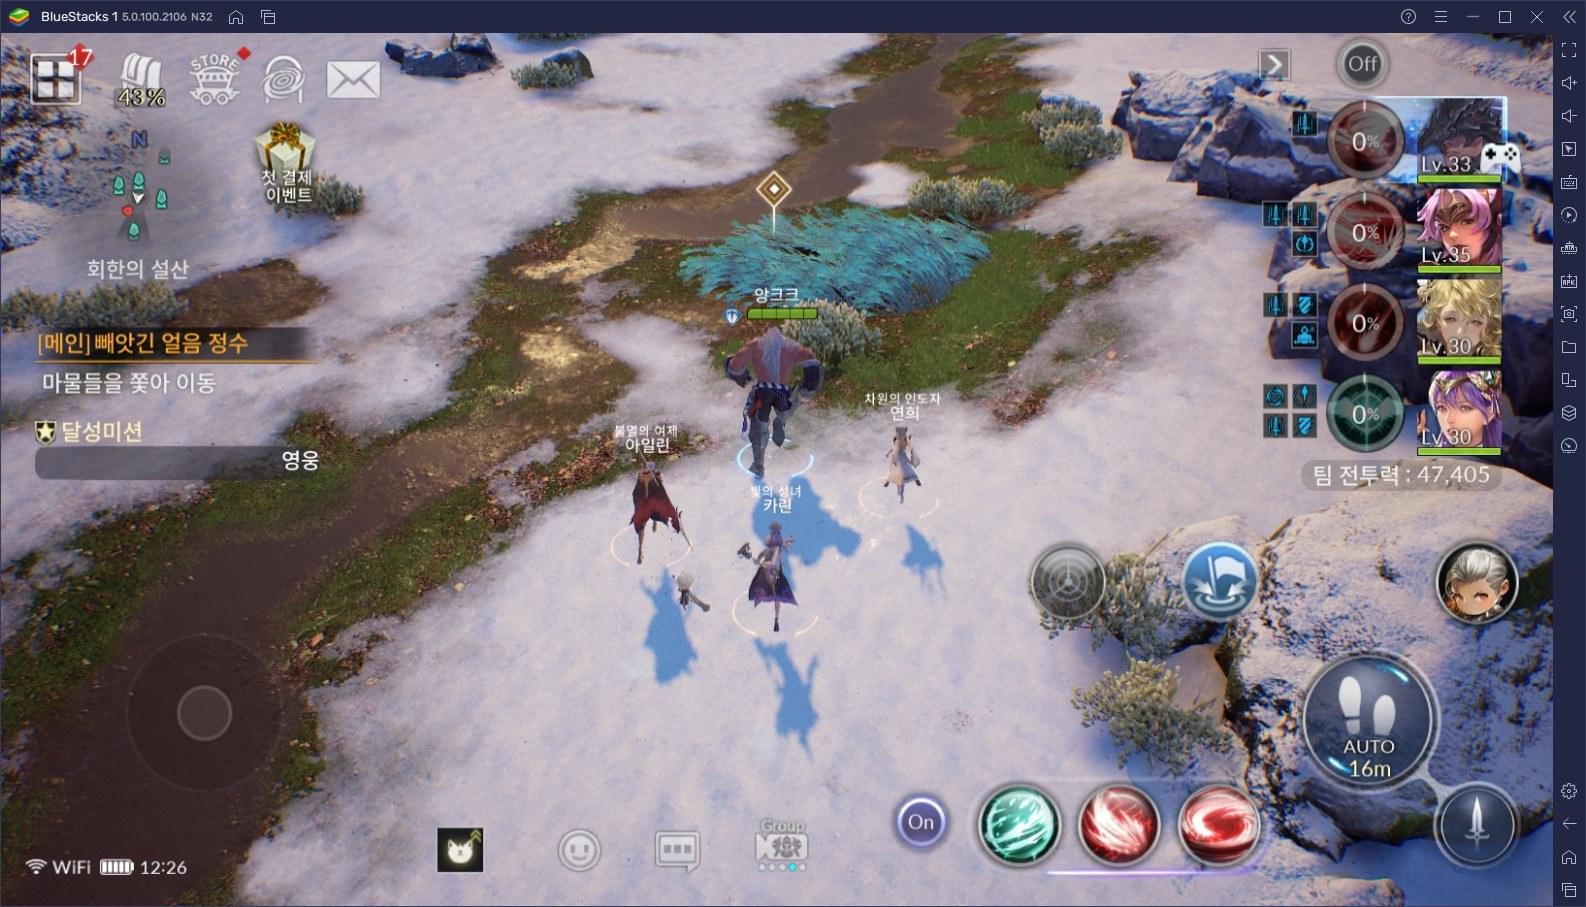 세븐나이츠2 신규 전설 영웅 길라한 등장, 블루스택 앱플레이어에서 PC로 메카닉 로맨티스트를 만나보세요!